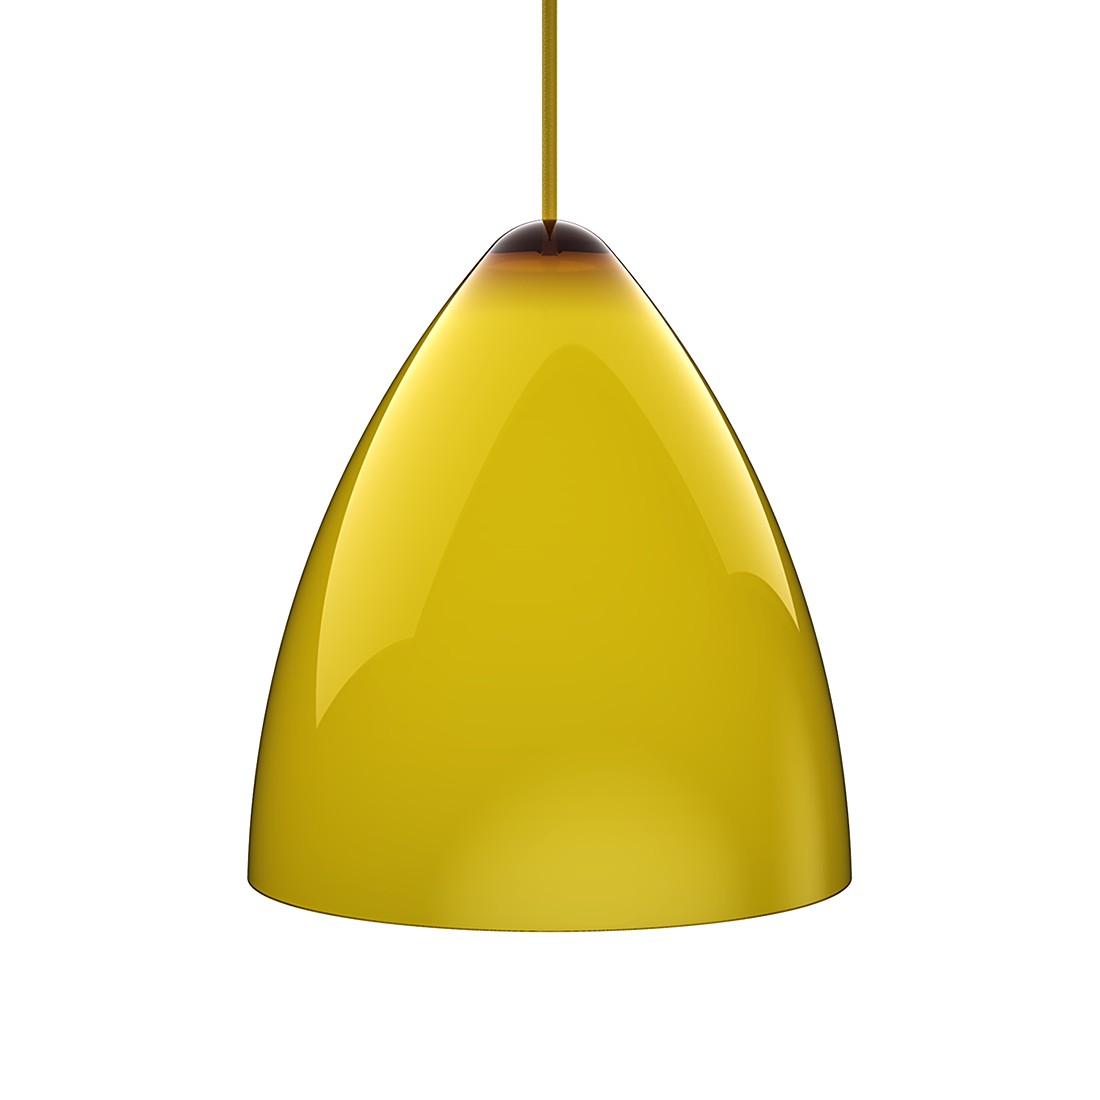 Pendelleuchte Funk - Acrylglas-Textil - Gelb-Gelb - Durchmesser 27 cm, Nordlux